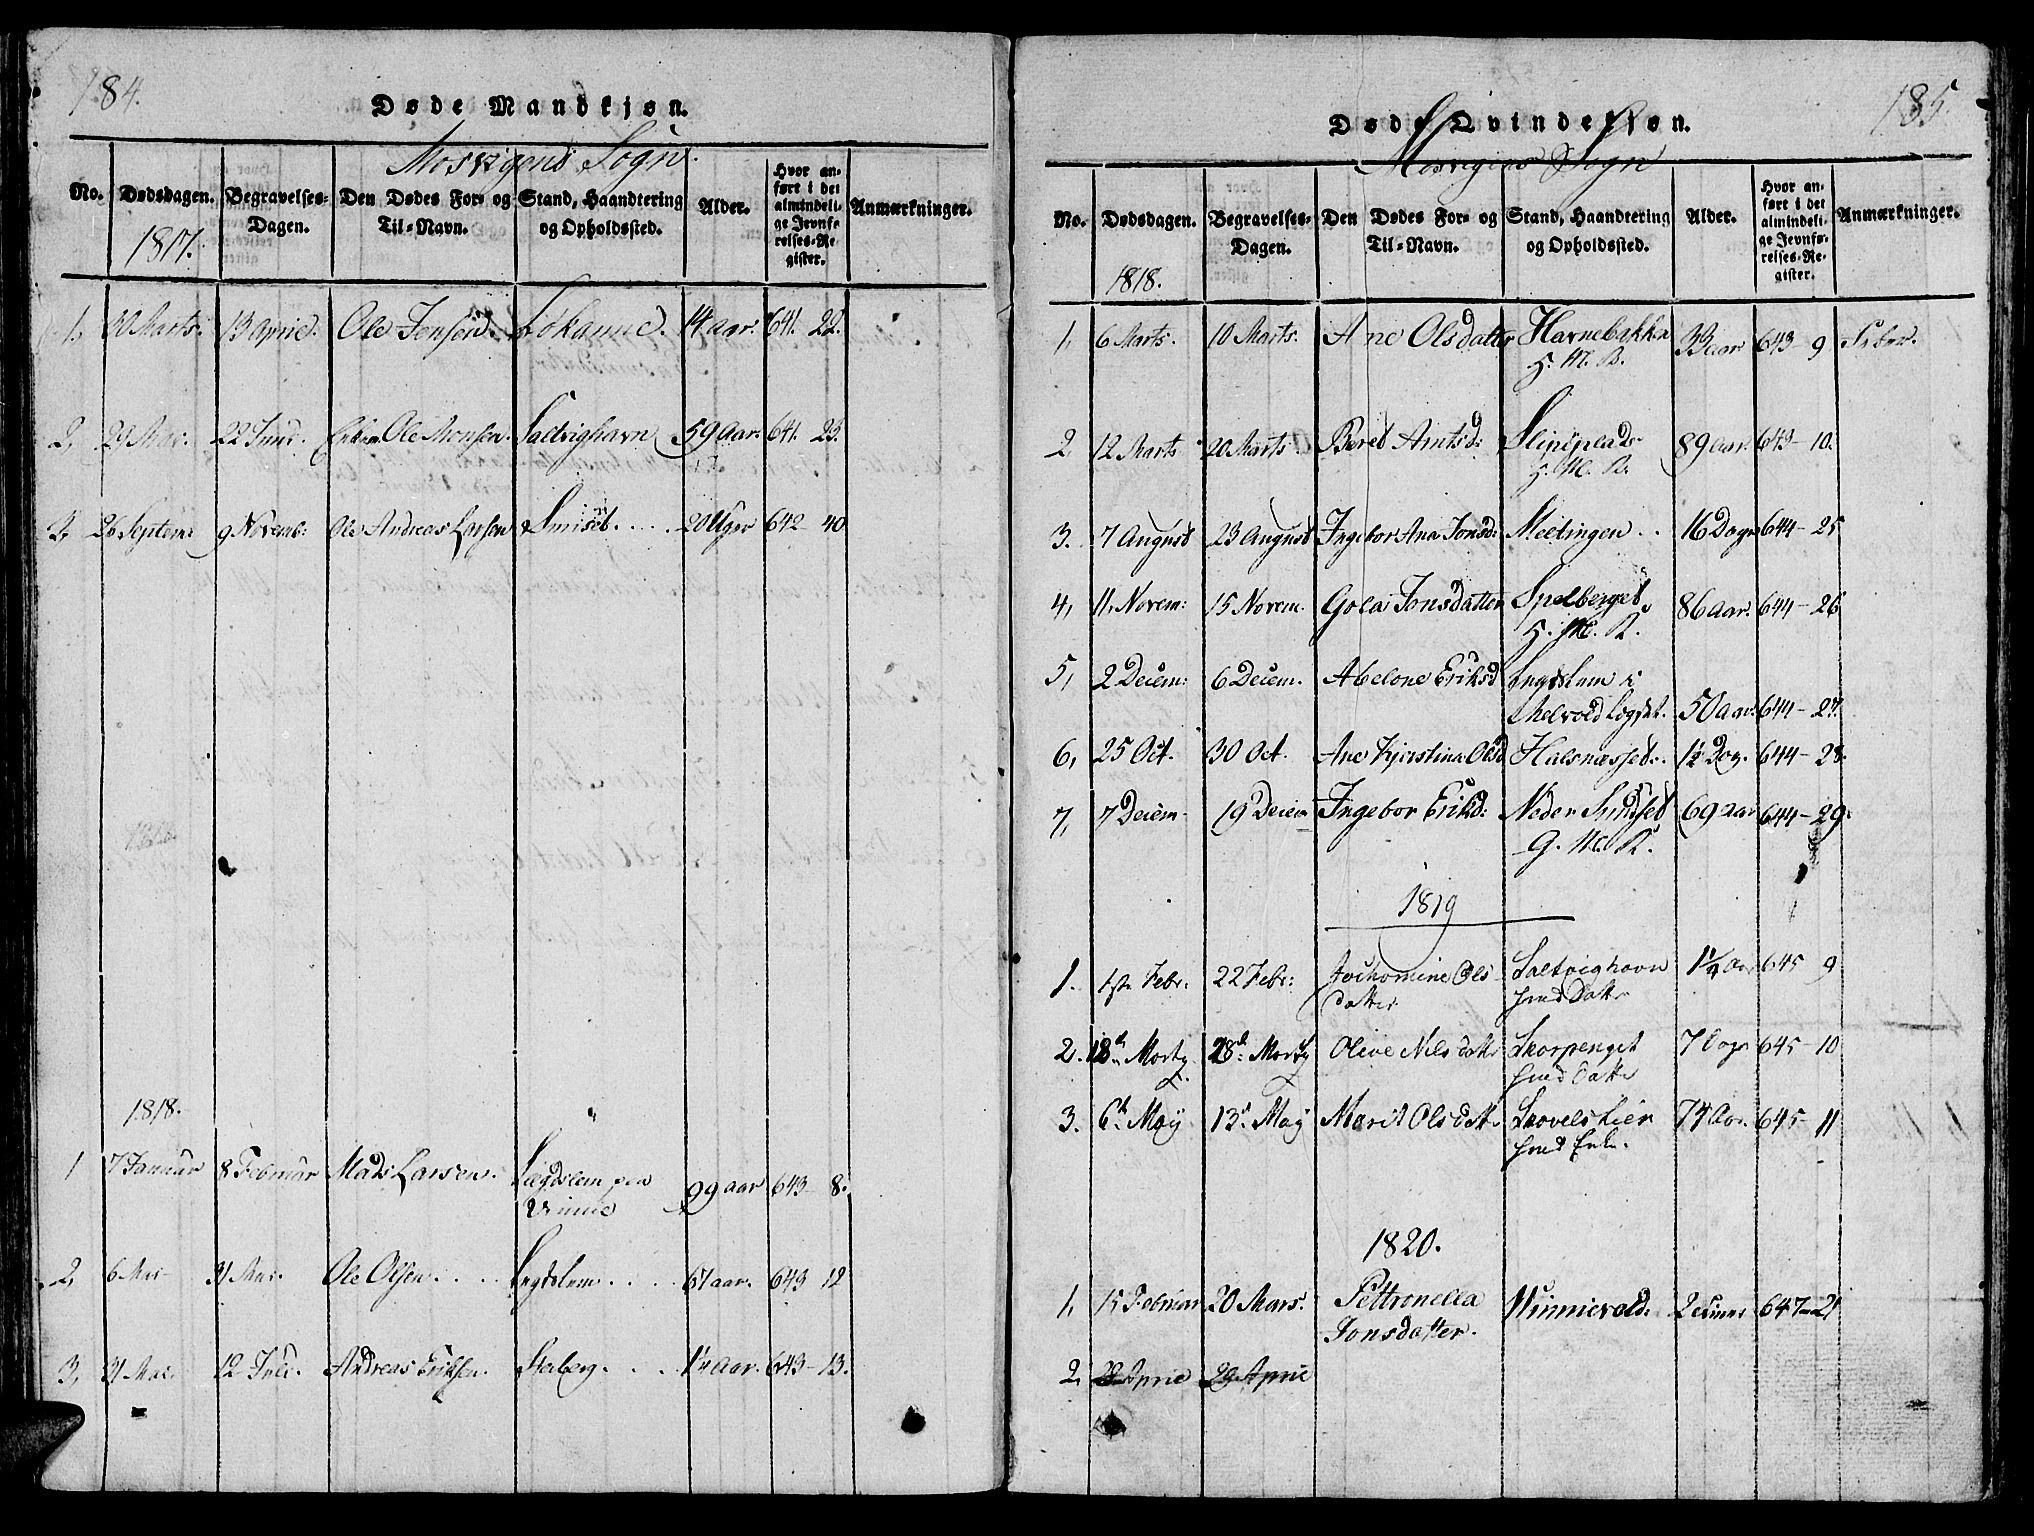 SAT, Ministerialprotokoller, klokkerbøker og fødselsregistre - Nord-Trøndelag, 733/L0322: Ministerialbok nr. 733A01, 1817-1842, s. 184-185